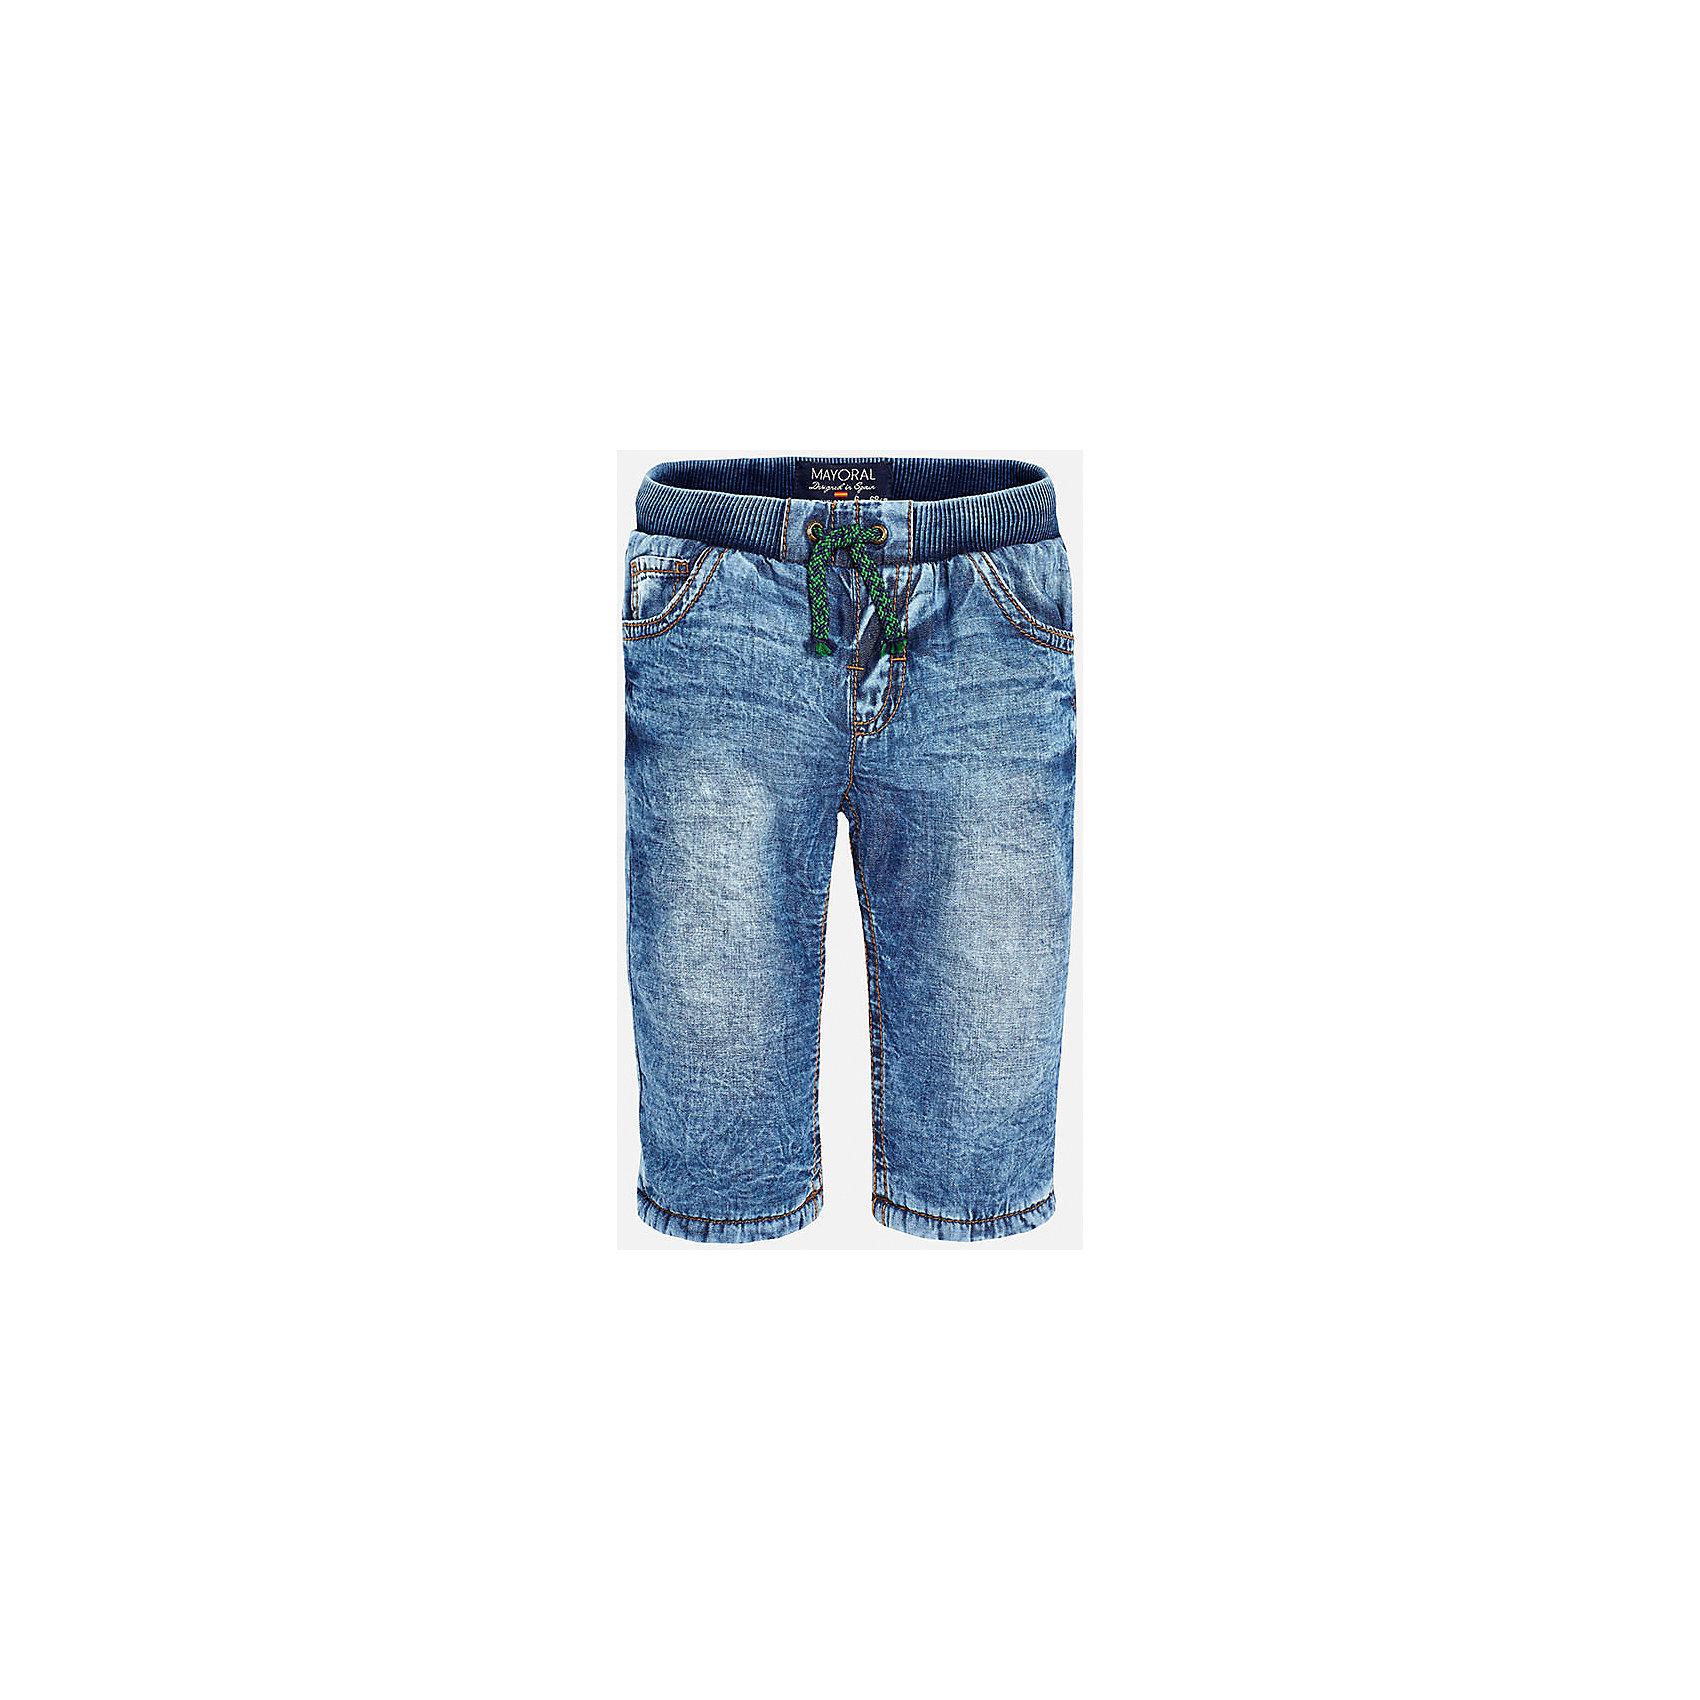 Джинсы для мальчика MayoralДжинсы<br>Джинсы для мальчика от известного испанского бренда Mayoral(Майорал) изготовлены из хлопка с подкладкой из полиэстера. На поясе удобная резиночка и завязки. Спереди и сзади по два кармана. В таких джинсах юному моднику будет очень удобно!<br><br>Дополнительная информация:<br>Состав: 100% хлопок. Подкладка: 100% полиэстер<br>Цвет: синий<br>Брюки для мальчика Mayoral(Майорал) вы можете приобрести в нашем интернет-магазине.<br><br>Ширина мм: 215<br>Глубина мм: 88<br>Высота мм: 191<br>Вес г: 336<br>Цвет: голубой<br>Возраст от месяцев: 6<br>Возраст до месяцев: 9<br>Пол: Мужской<br>Возраст: Детский<br>Размер: 74,92,86,80<br>SKU: 4820719